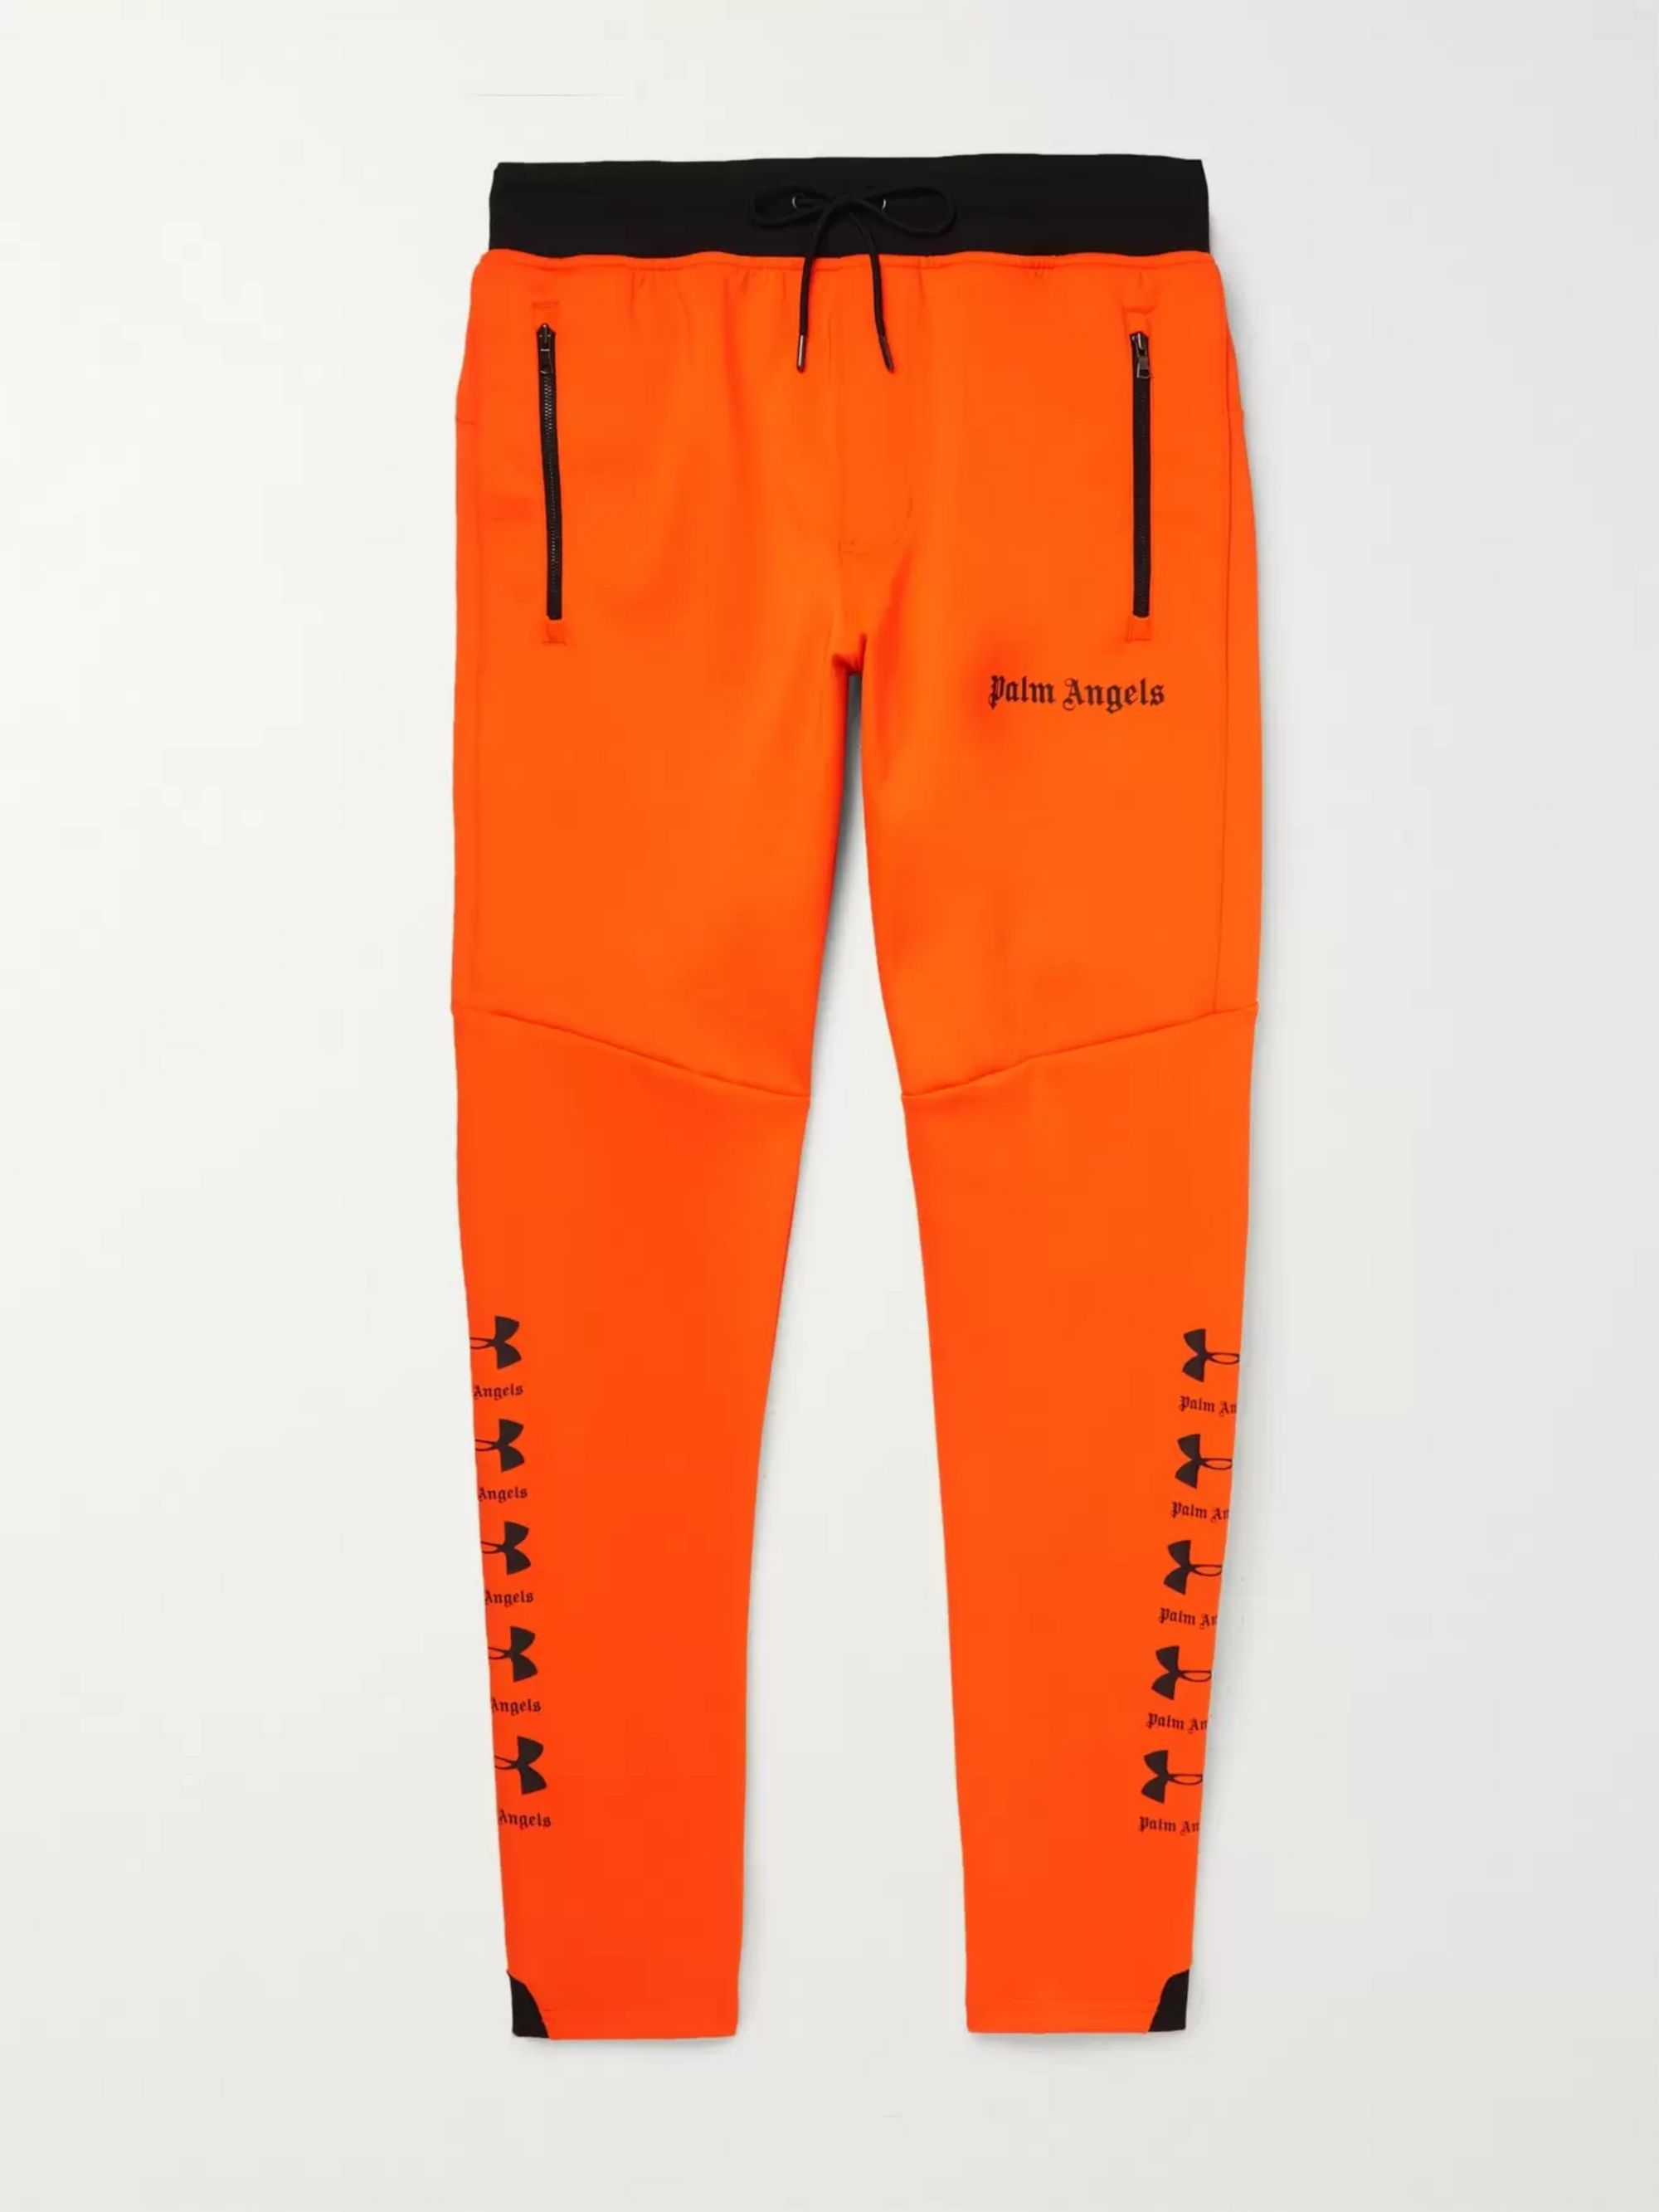 Men New Palm Angels Leisure zipper jacket sweatpants sportswear NEW